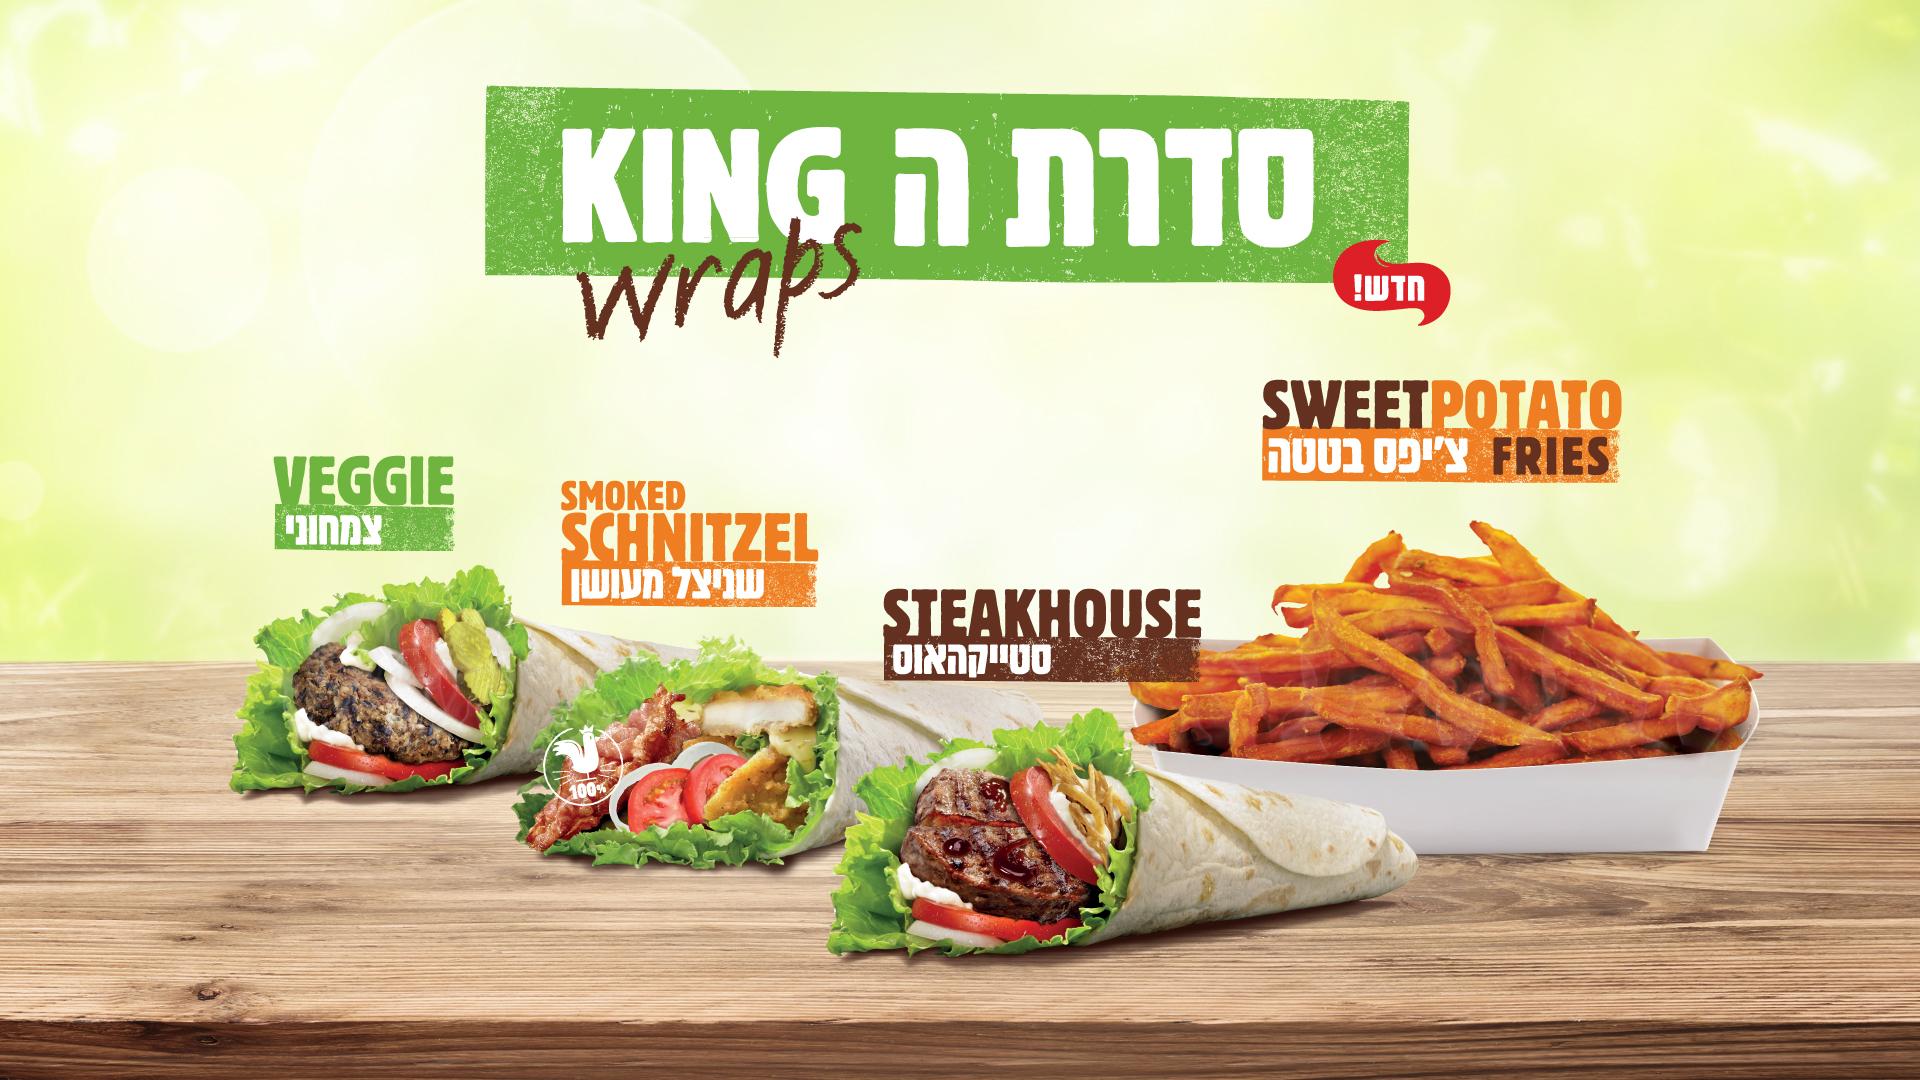 חדש! סדרת ה- king wraps. סטייקהאוס. שניצל מעושן. צמחוני.